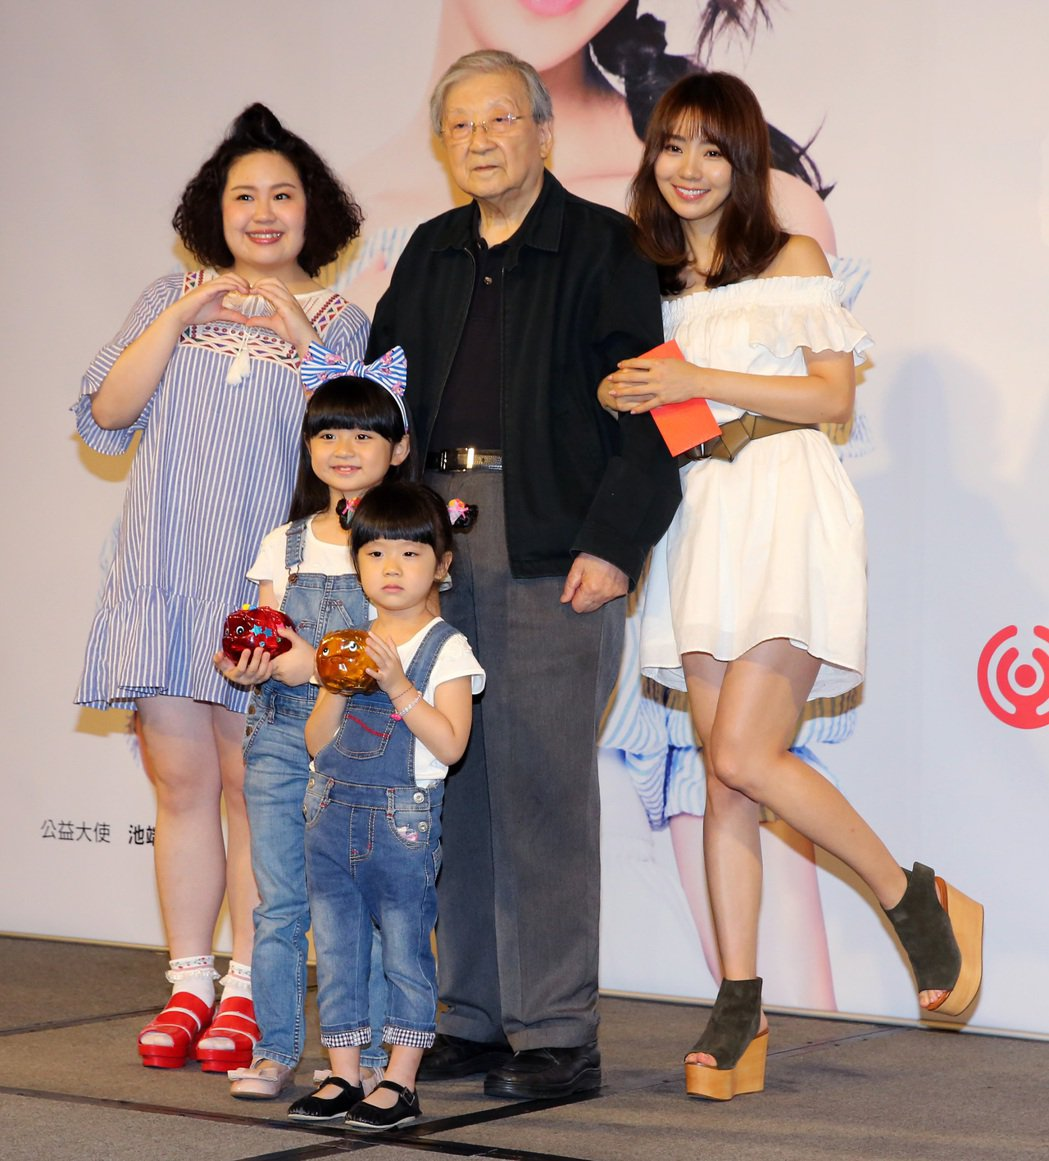 導演李行(後中)、日本超模歌手池端玲名(後右)、「大文」郭文頤(後左)、童星許萱...